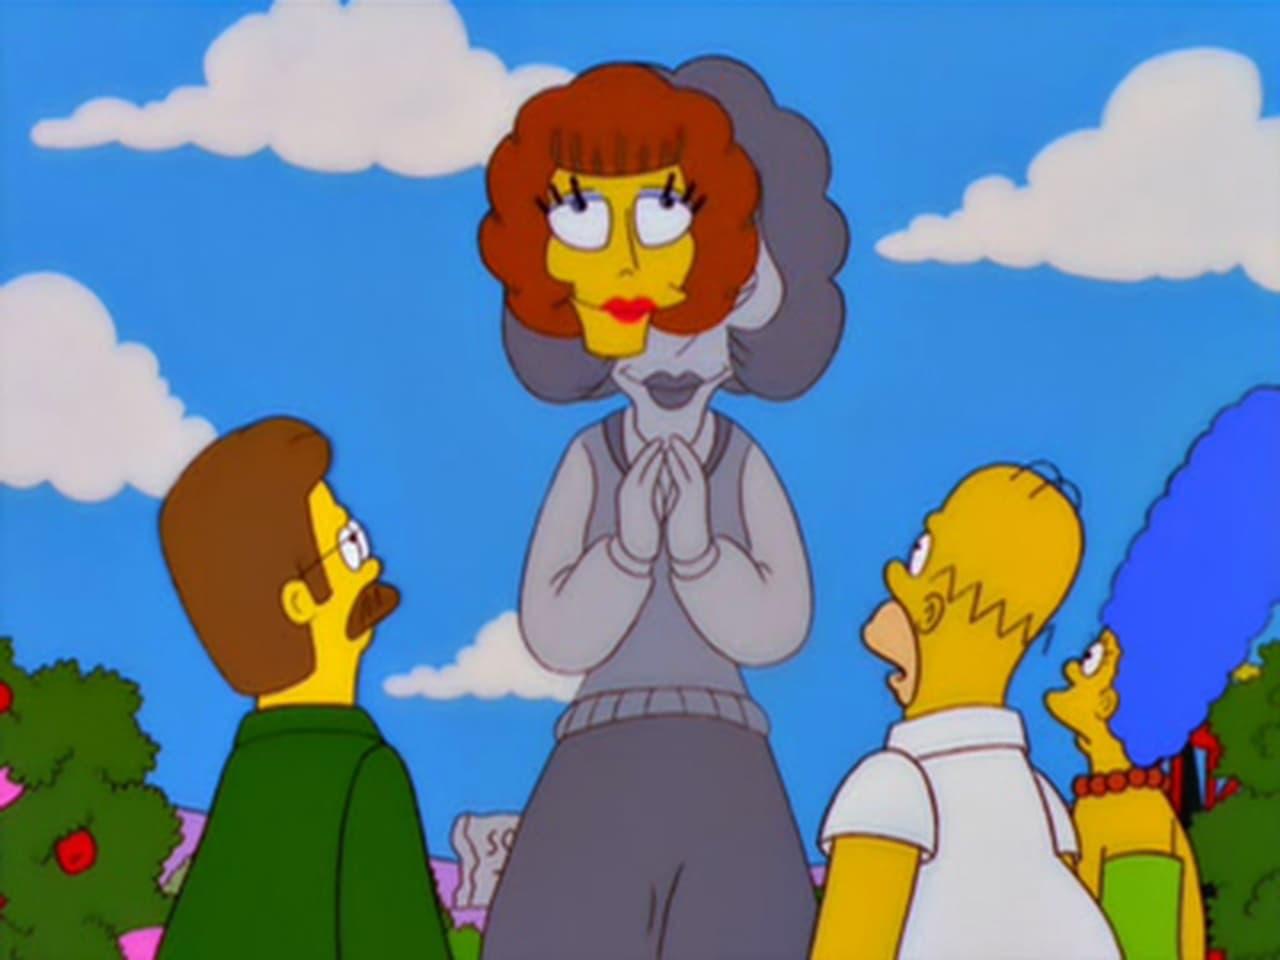 The Simpsons - Season 12 Episode 19 : I'm Goin' to Praise Land